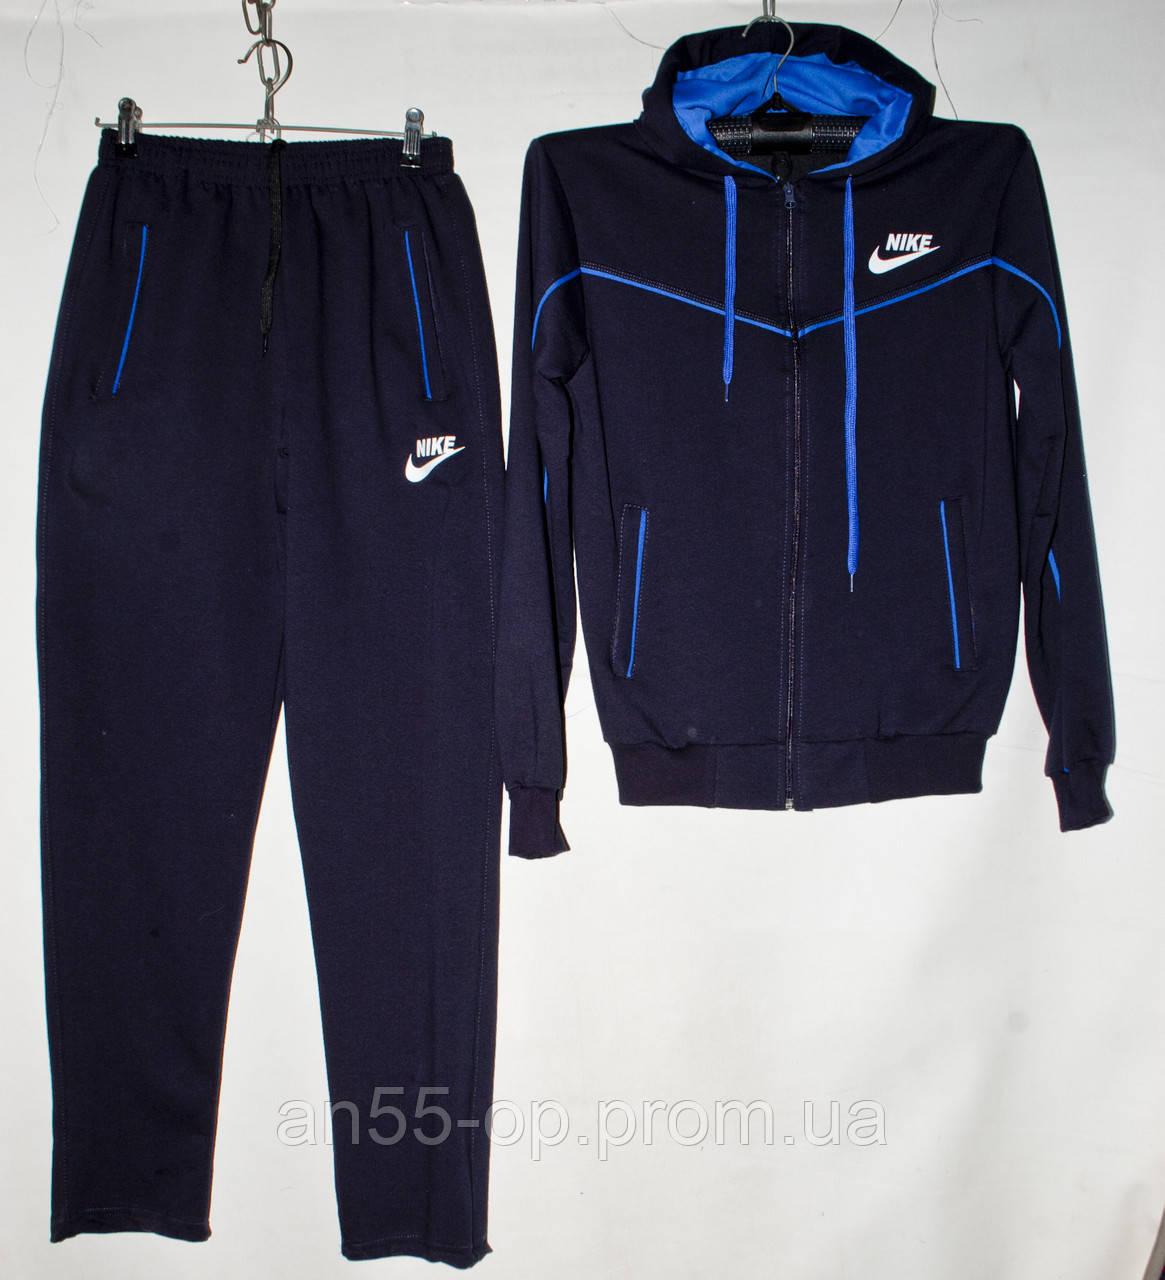 99996ae9 Мужской спортивный костюм трикотаж Nike (Р. 48-56) купить оптом от  производителя.доставка из Одессы(7КМ), цена 310 грн., купить в Одессе —  Prom.ua ...